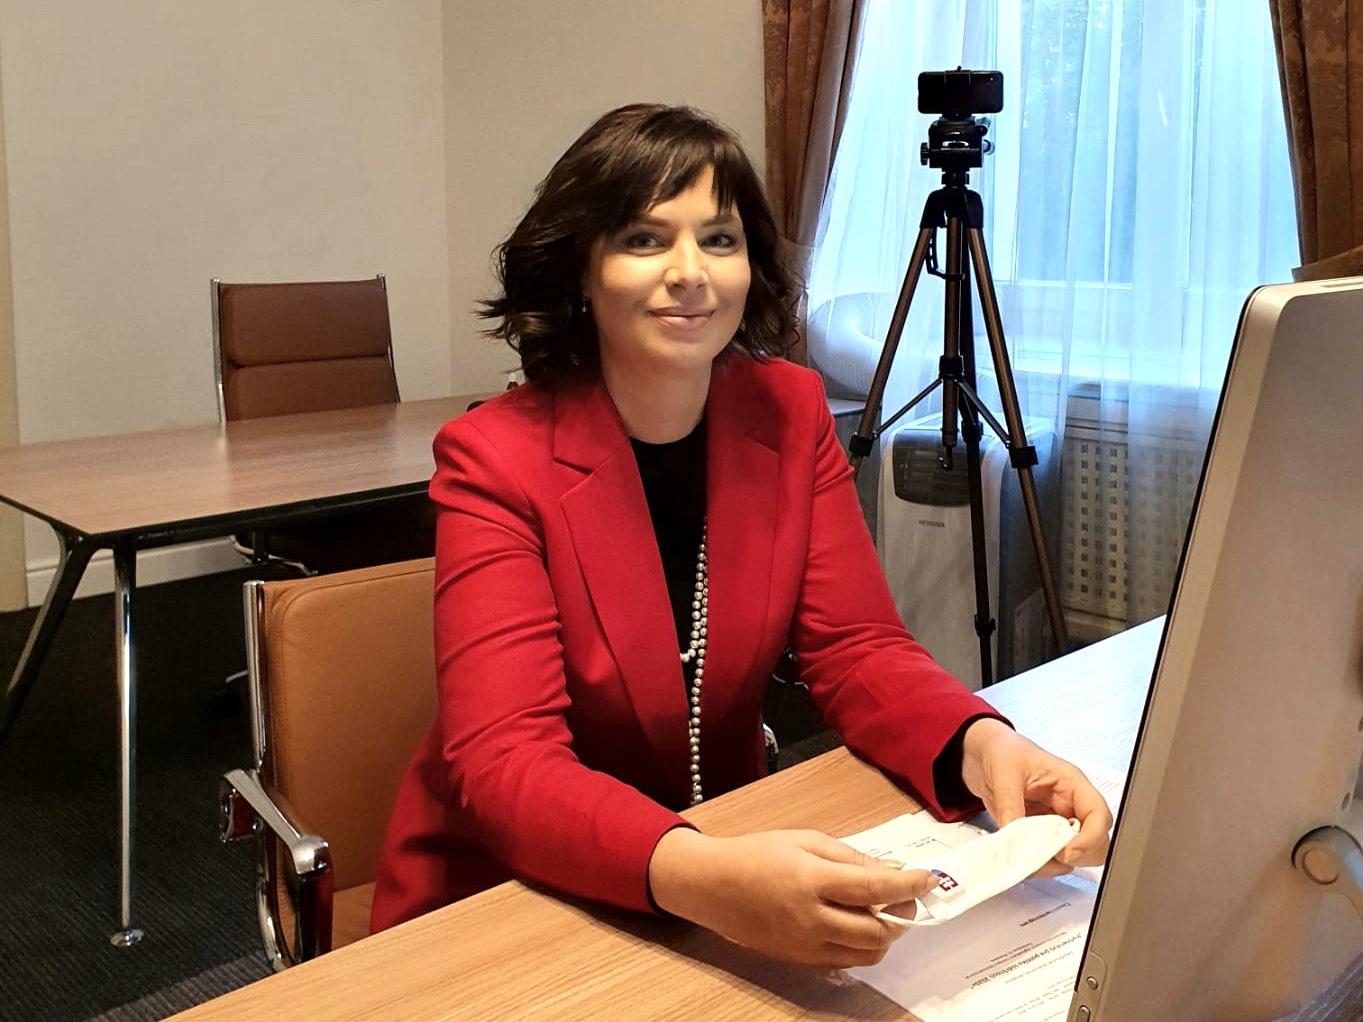 Vicepremiérka Remišová:  Spolu s odborníkmi hľadáme lepšie nastavenie eurofondov